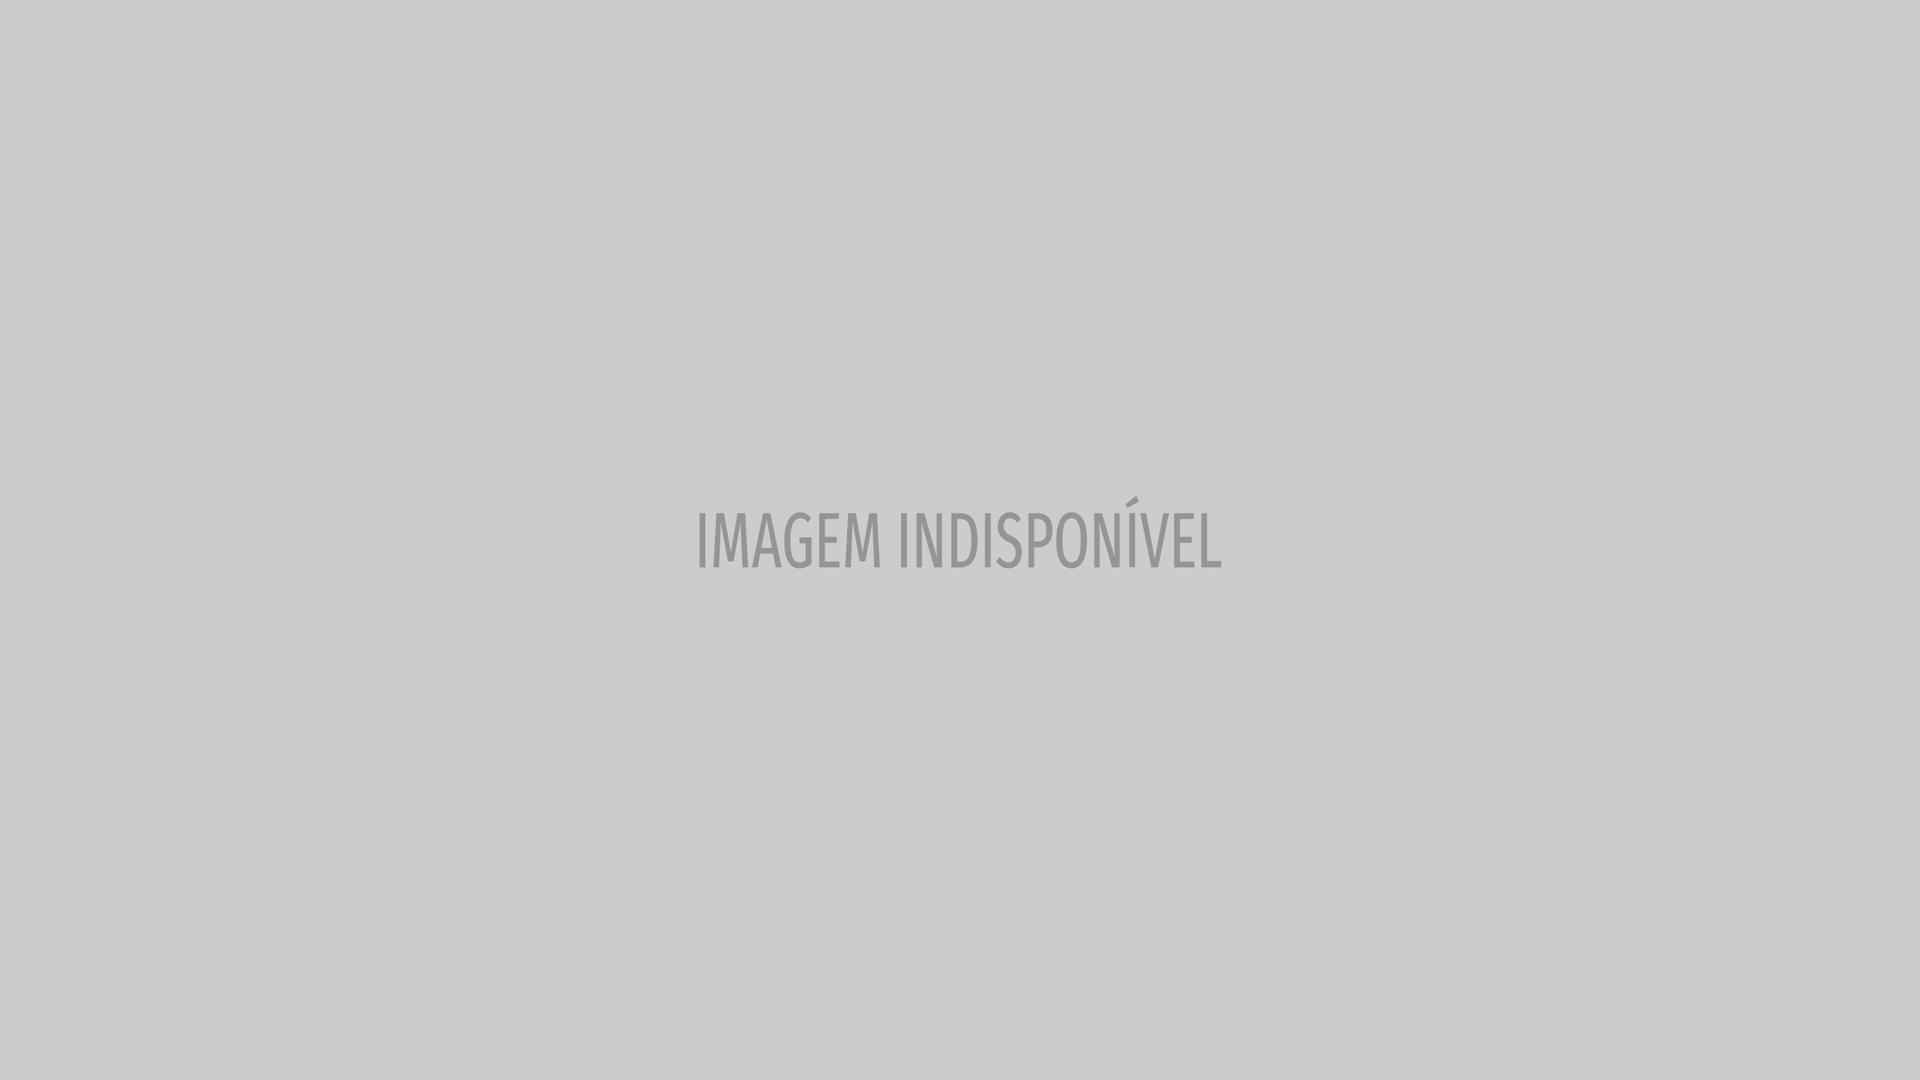 """Pedro Ribeiro alerta: """"A conta de Instagram da Rita foi hackeada"""""""